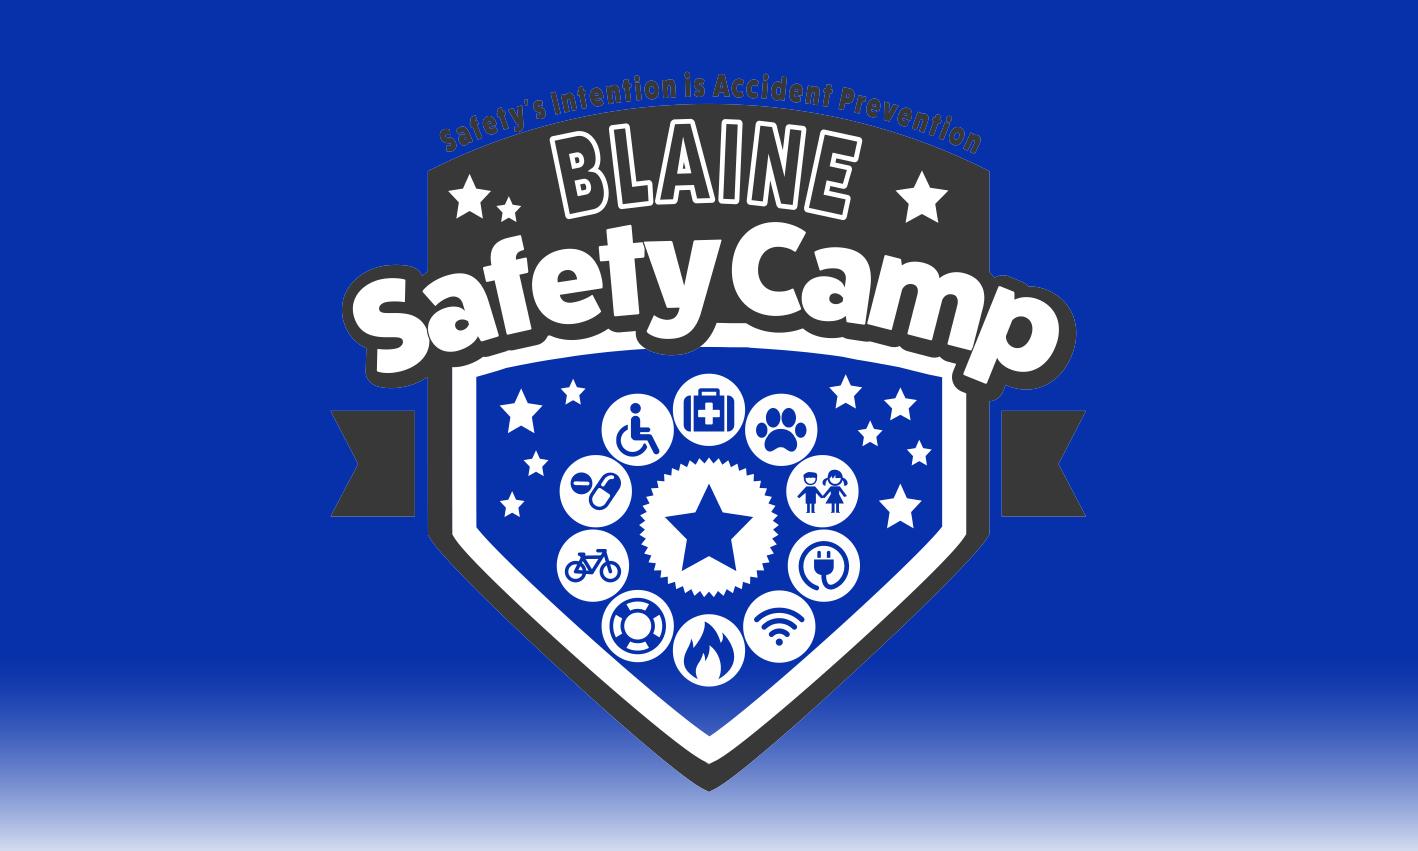 Safety Camp Blue Logo Design